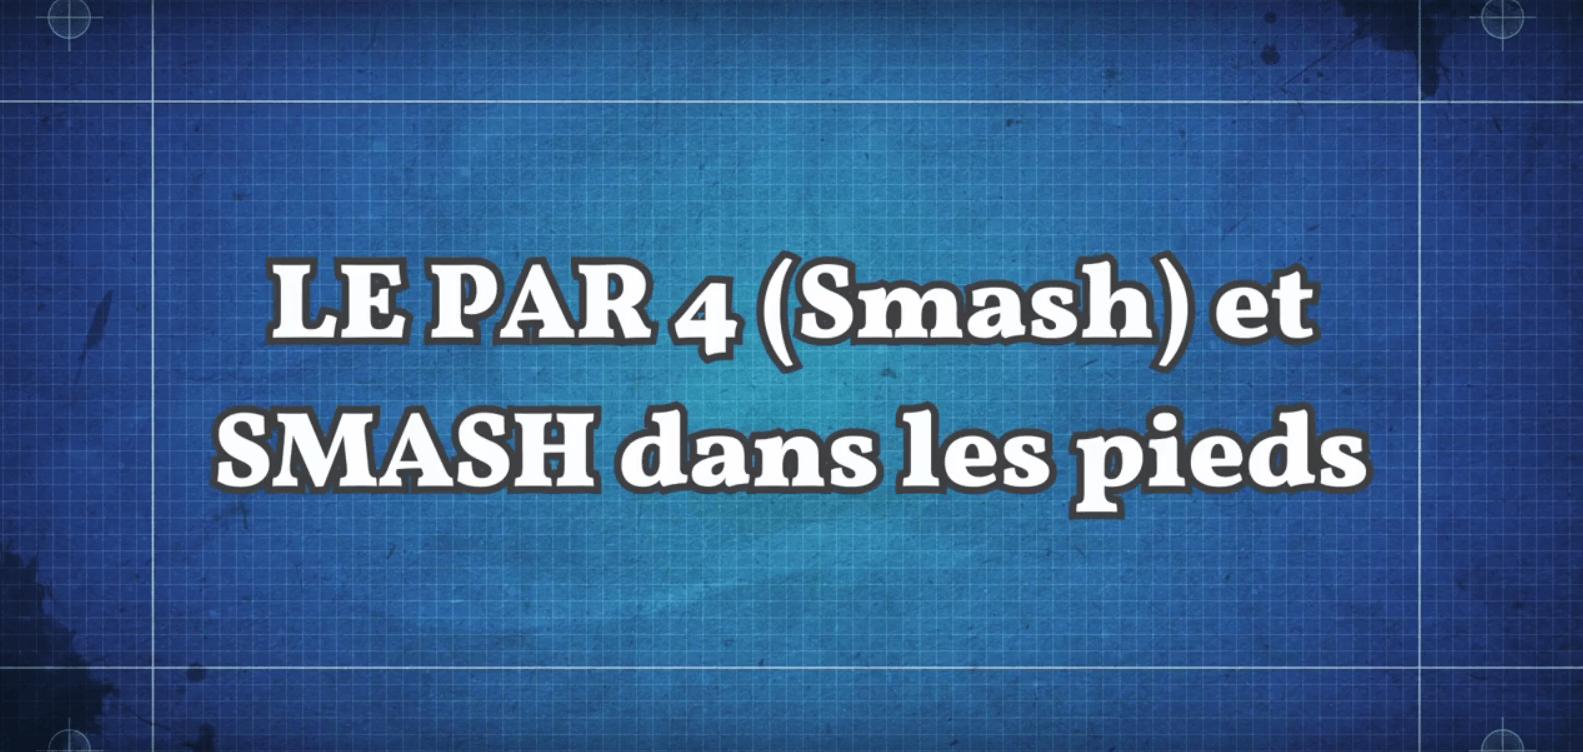 2 smashs : Le Par 4 et le smash aux pieds